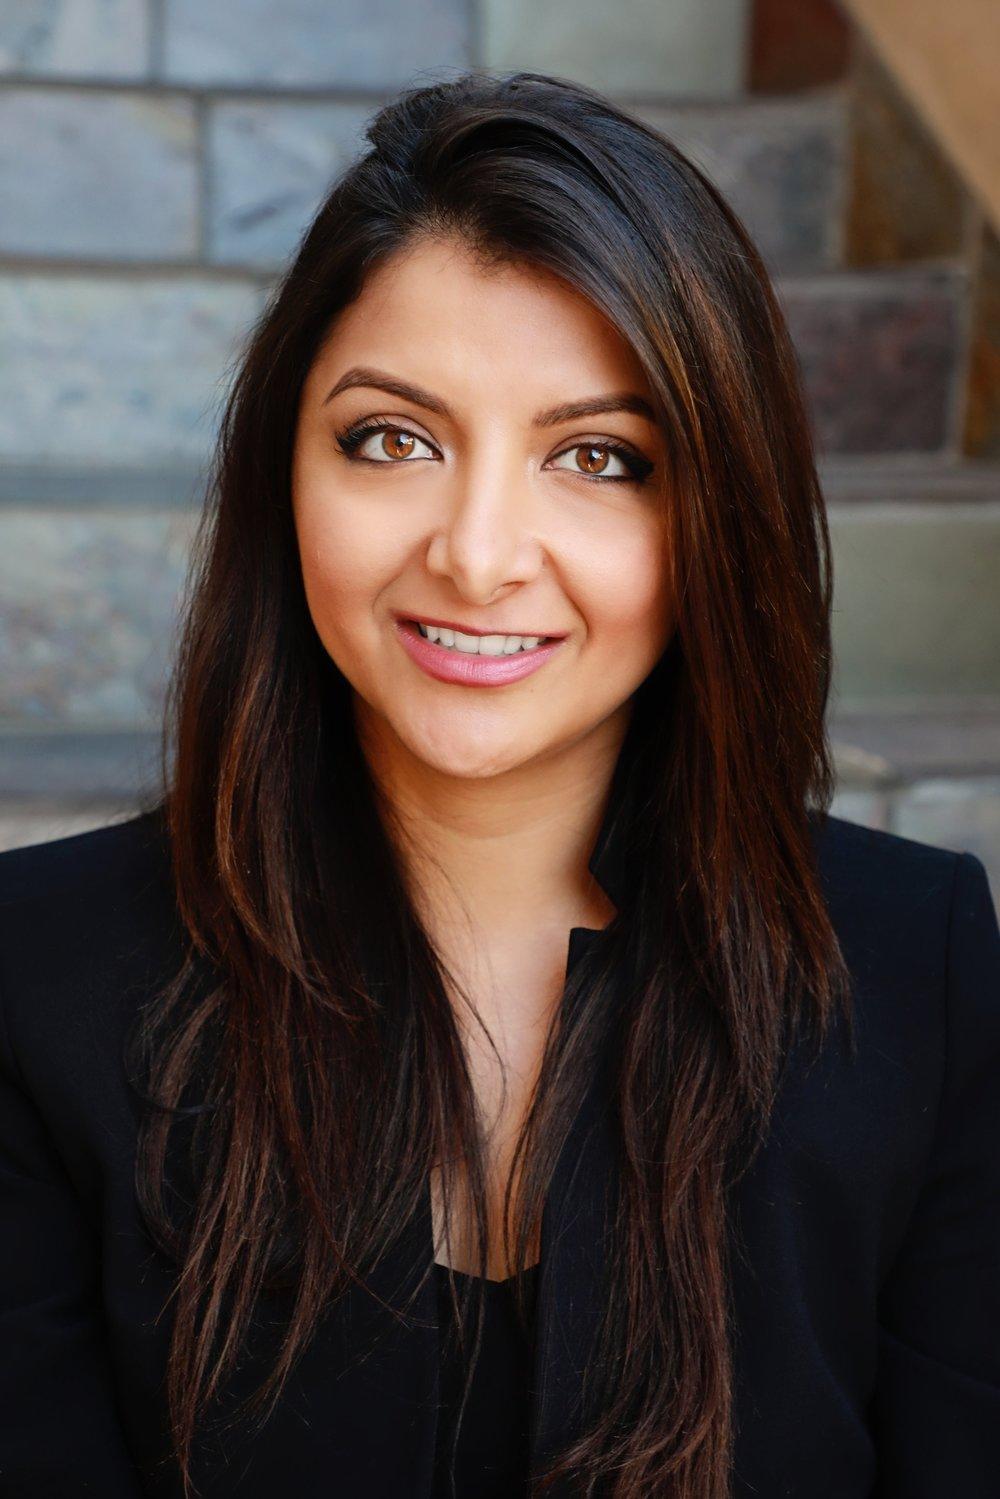 Shauna Salehi